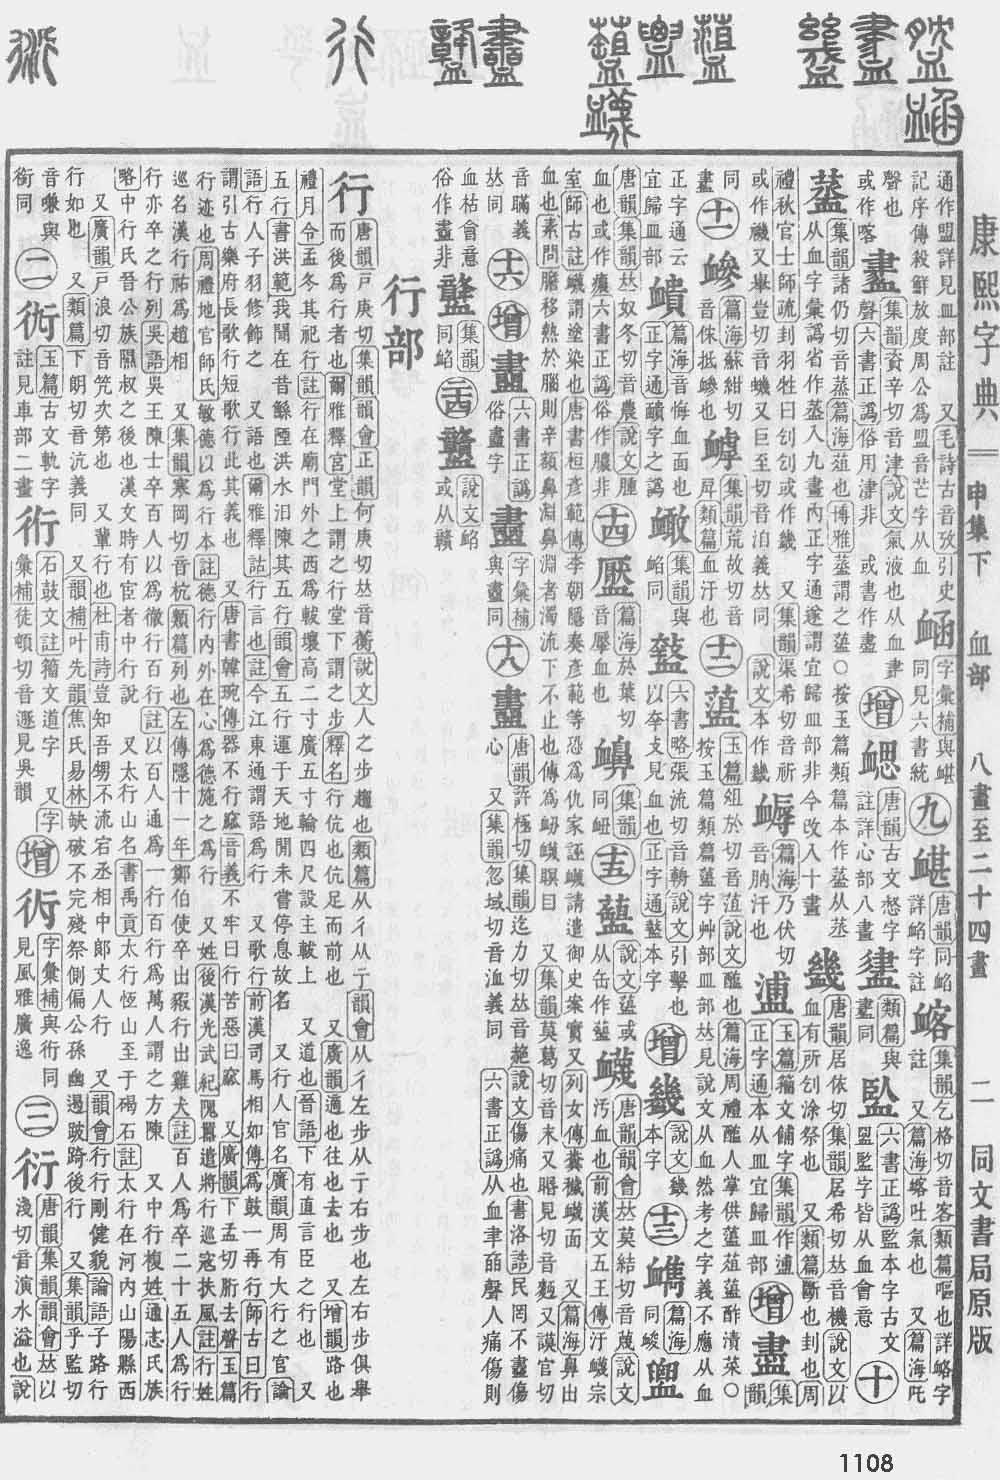 《康熙字典》第1108页